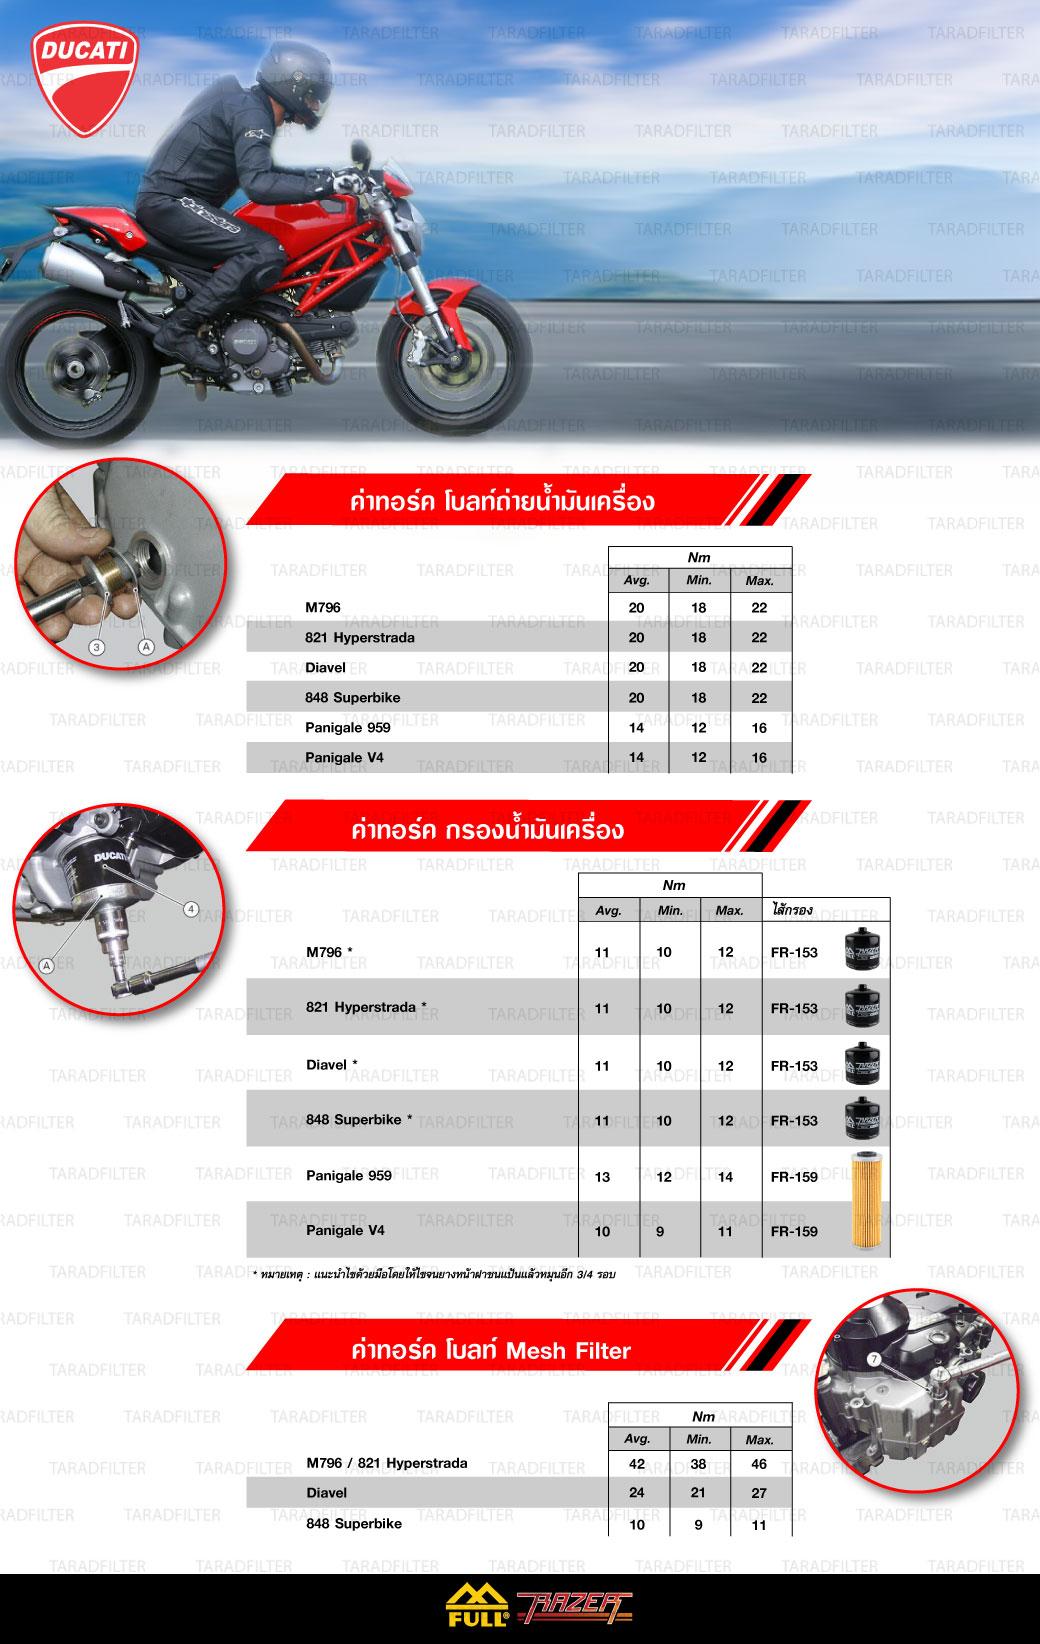 Ducati oil set torque